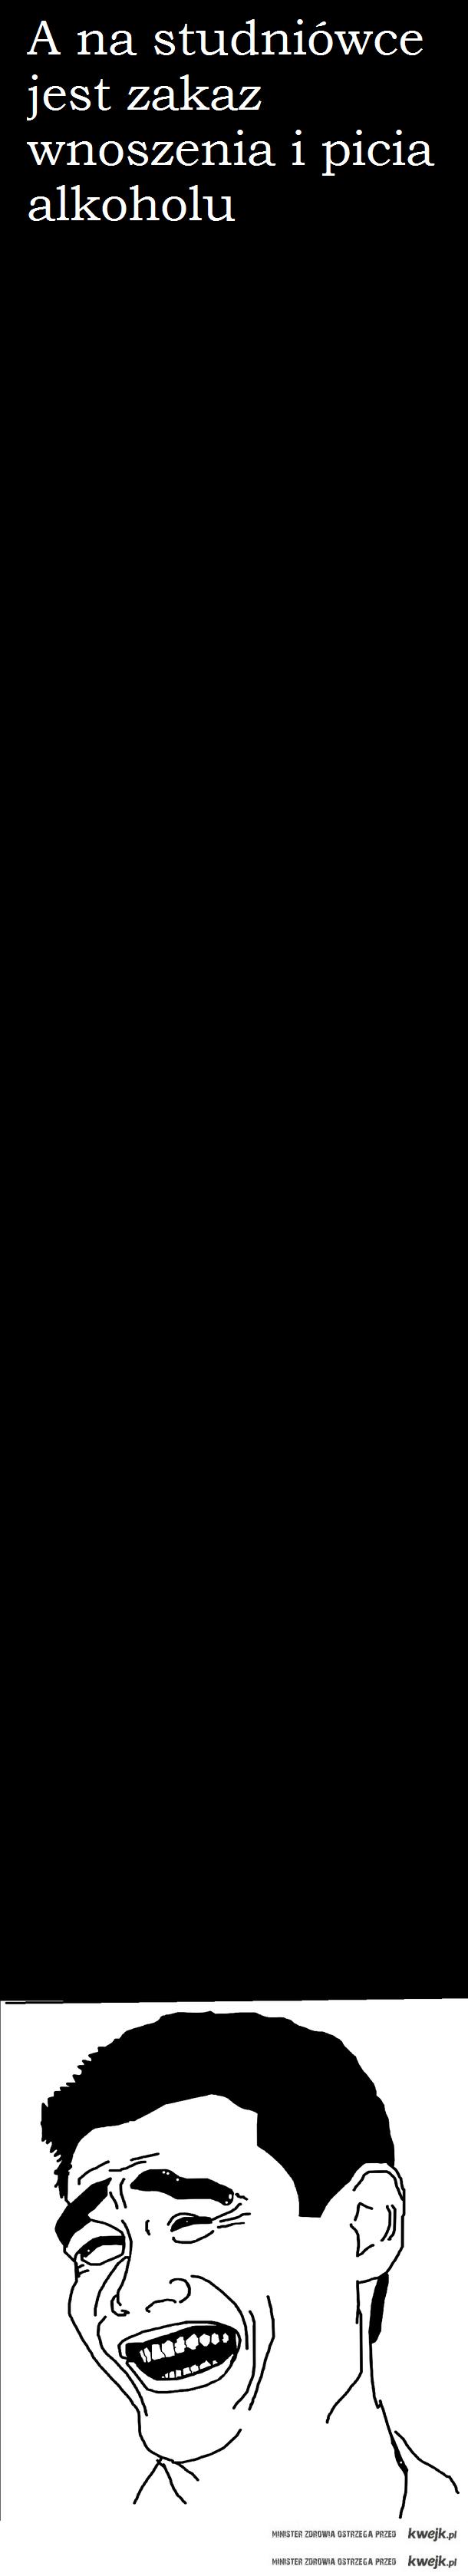 Studniówka